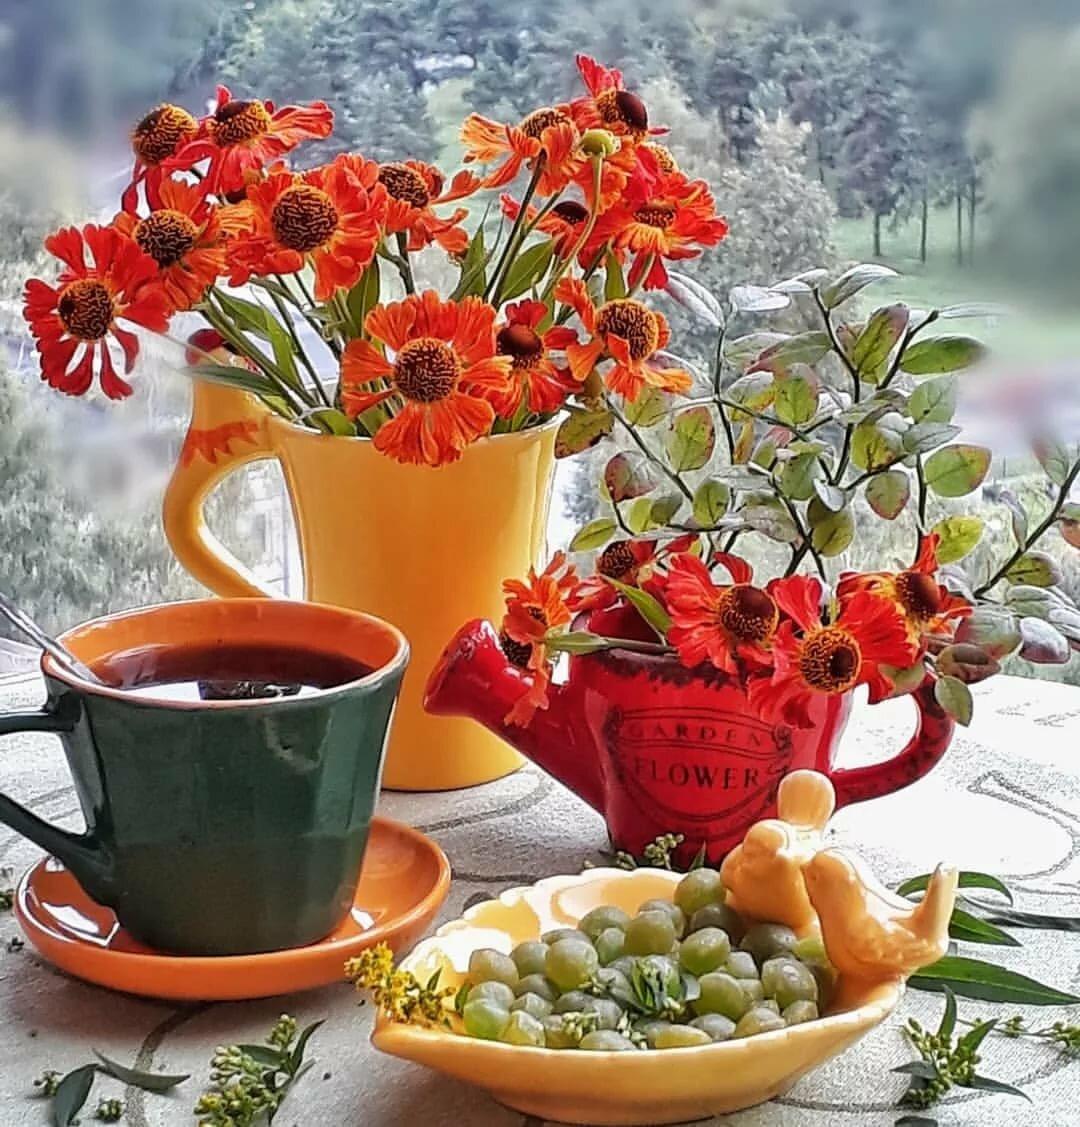 Фото картинки доброе утро хорошего настроения